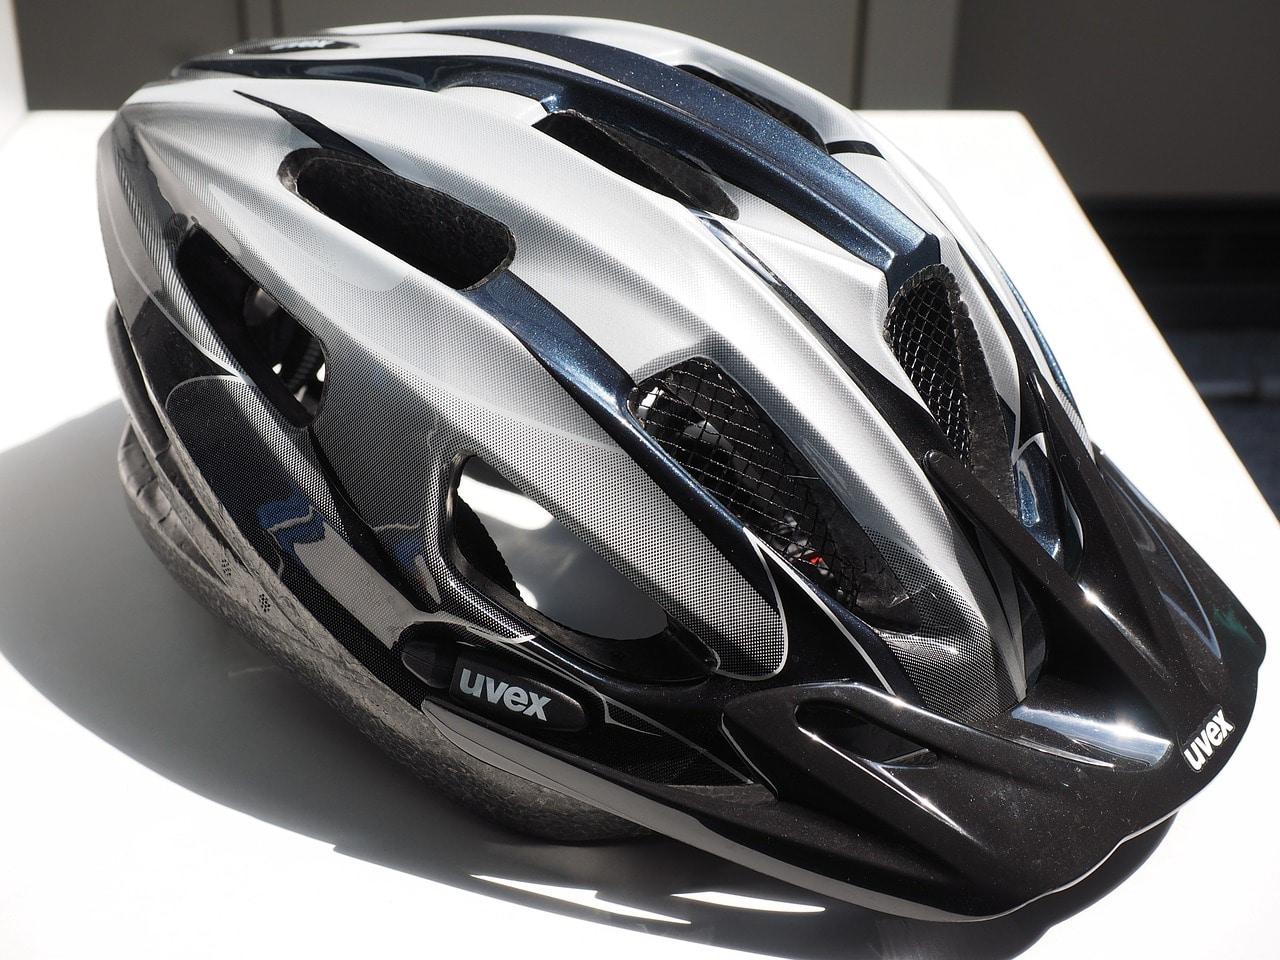 Ratgeber Kauf Helm Fahrrad